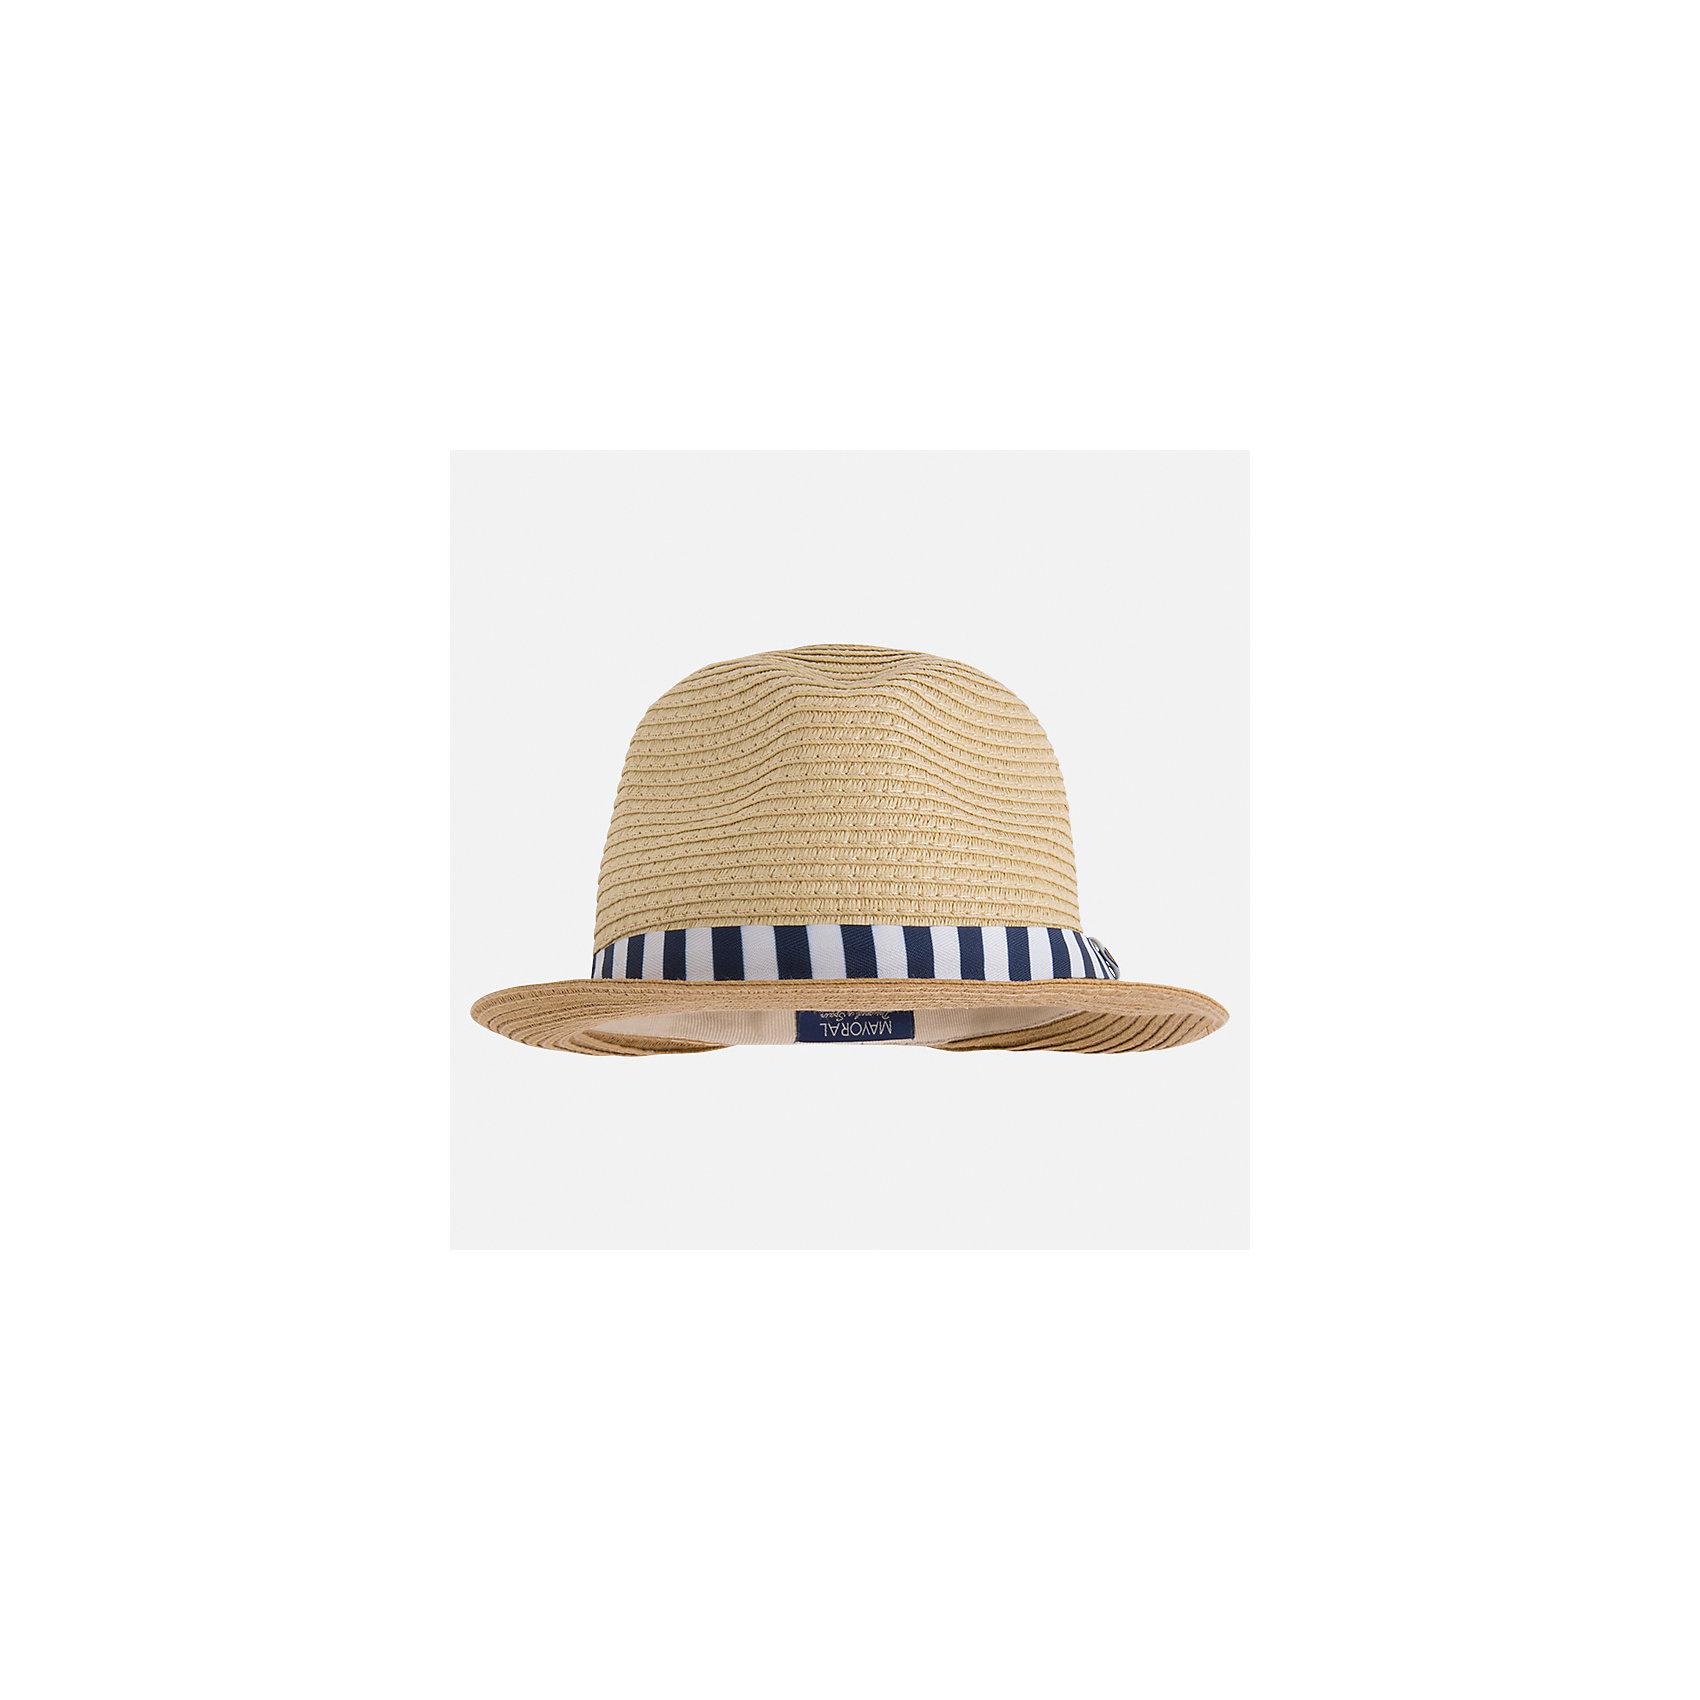 Шляпа для мальчика MayoralХарактеристики товара:<br><br>• цвет: бежевый<br>• состав: 100% бумага<br>• комфортная посадка<br>• дышащая фактура<br>• декорирована лентой<br>• страна бренда: Испания<br><br>Красивая легкая шляпа для мальчика поможет обеспечить ребенку защиту от солнца и дополнить наряд. Универсальный цвет позволяет надевать её под наряды различных расцветок. Шляпа удобно сидит и красиво смотрится. Отличное дополнение к летней одежде!<br><br>Одежда, обувь и аксессуары от испанского бренда Mayoral полюбились детям и взрослым по всему миру. Модели этой марки - стильные и удобные. Для их производства используются только безопасные, качественные материалы и фурнитура. Порадуйте ребенка модными и красивыми вещами от Mayoral! <br><br>Шляпу для мальчика от испанского бренда Mayoral (Майорал) можно купить в нашем интернет-магазине.<br><br>Ширина мм: 89<br>Глубина мм: 117<br>Высота мм: 44<br>Вес г: 155<br>Цвет: синий<br>Возраст от месяцев: 72<br>Возраст до месяцев: 84<br>Пол: Мужской<br>Возраст: Детский<br>Размер: 54,50,52<br>SKU: 5294474